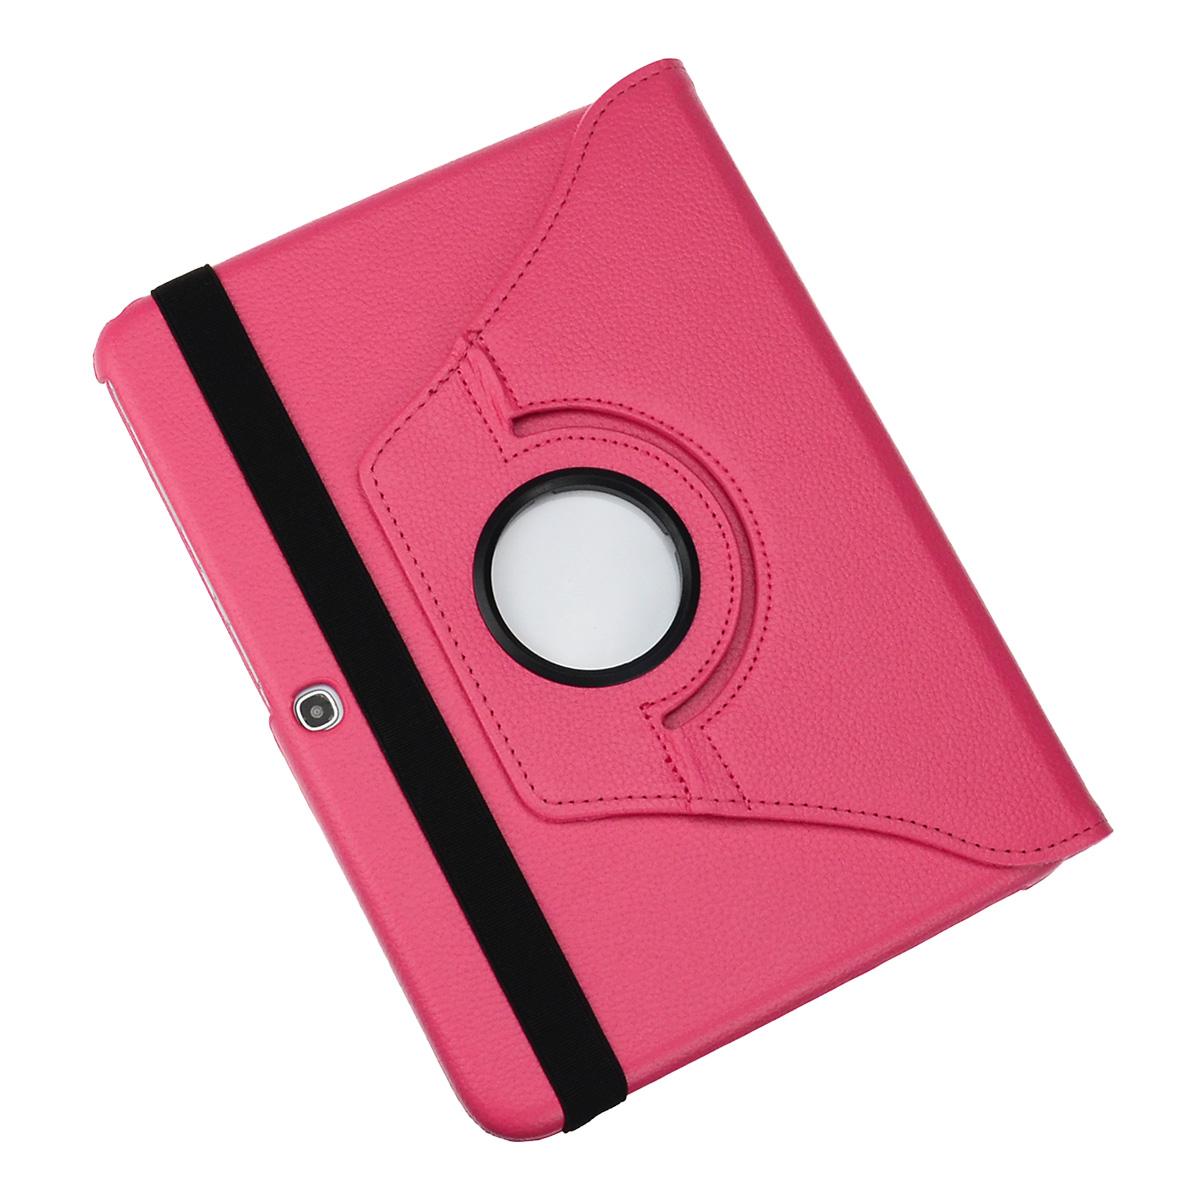 360-drehbar-Huelle-Samsung-Tab-E-9-6-Schutz-Cover-Case-Tasche-Etui-Staender-Folie Indexbild 21